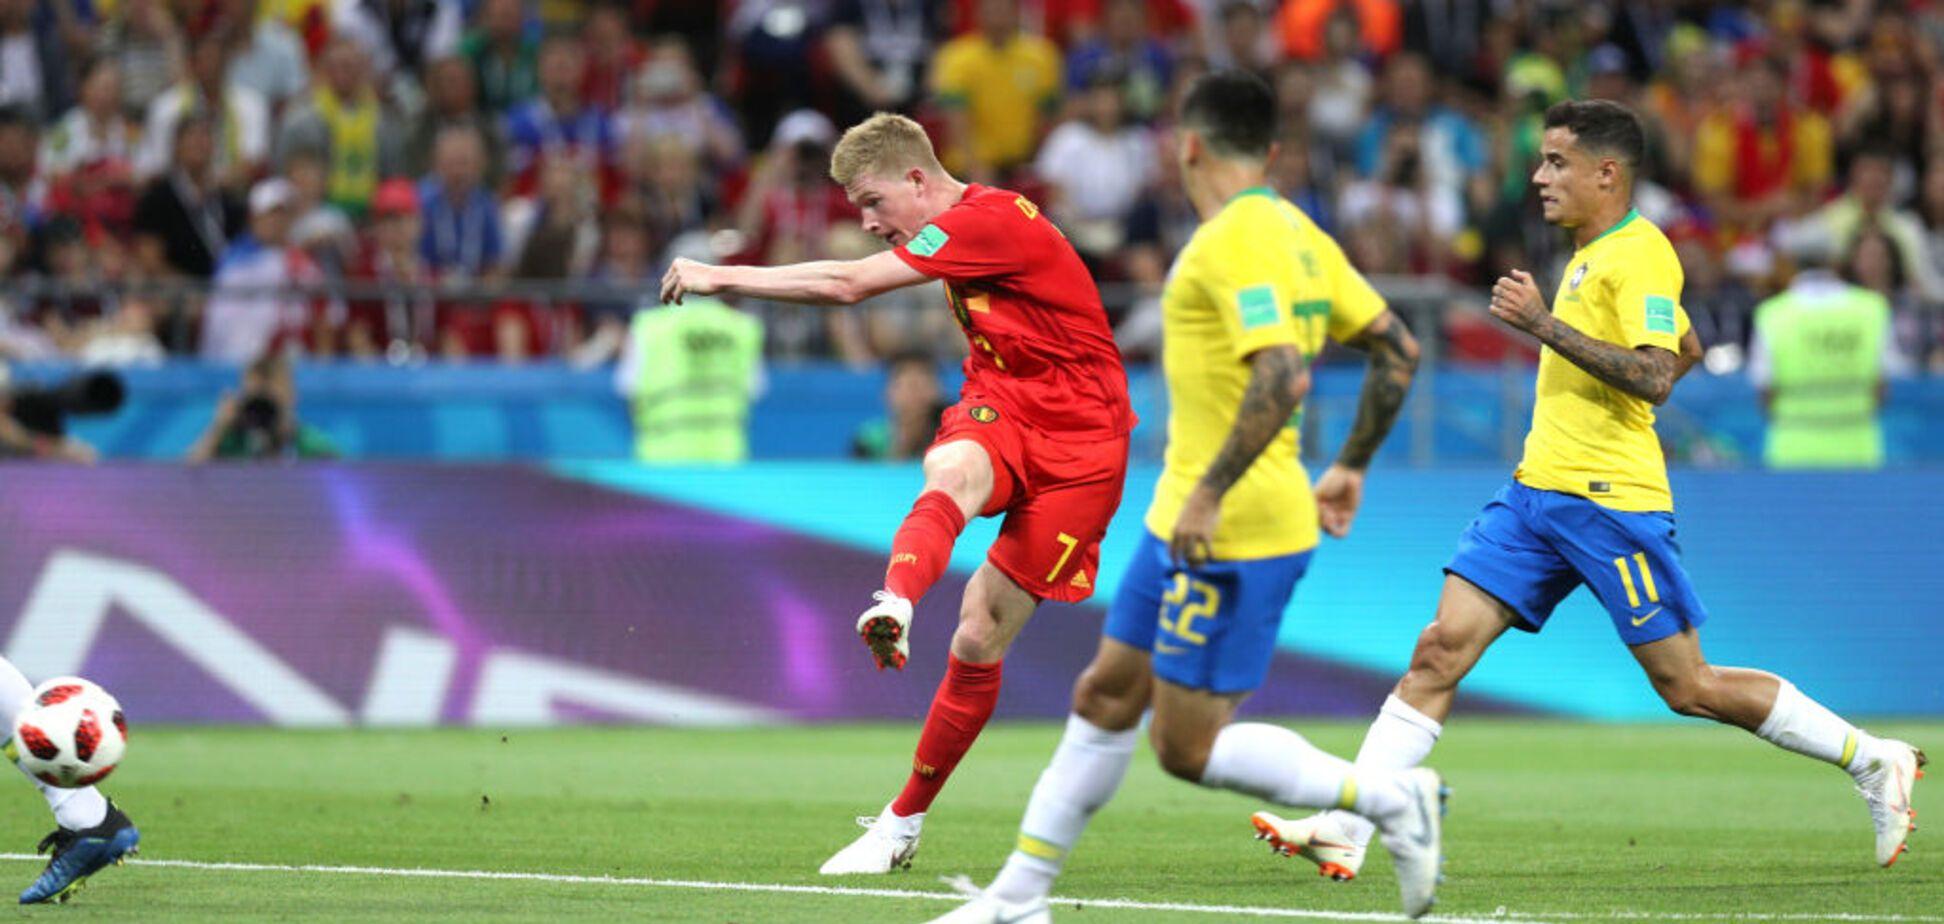 Бразилія - Бельгія: відео голів чвертьфіналу ЧС-2018